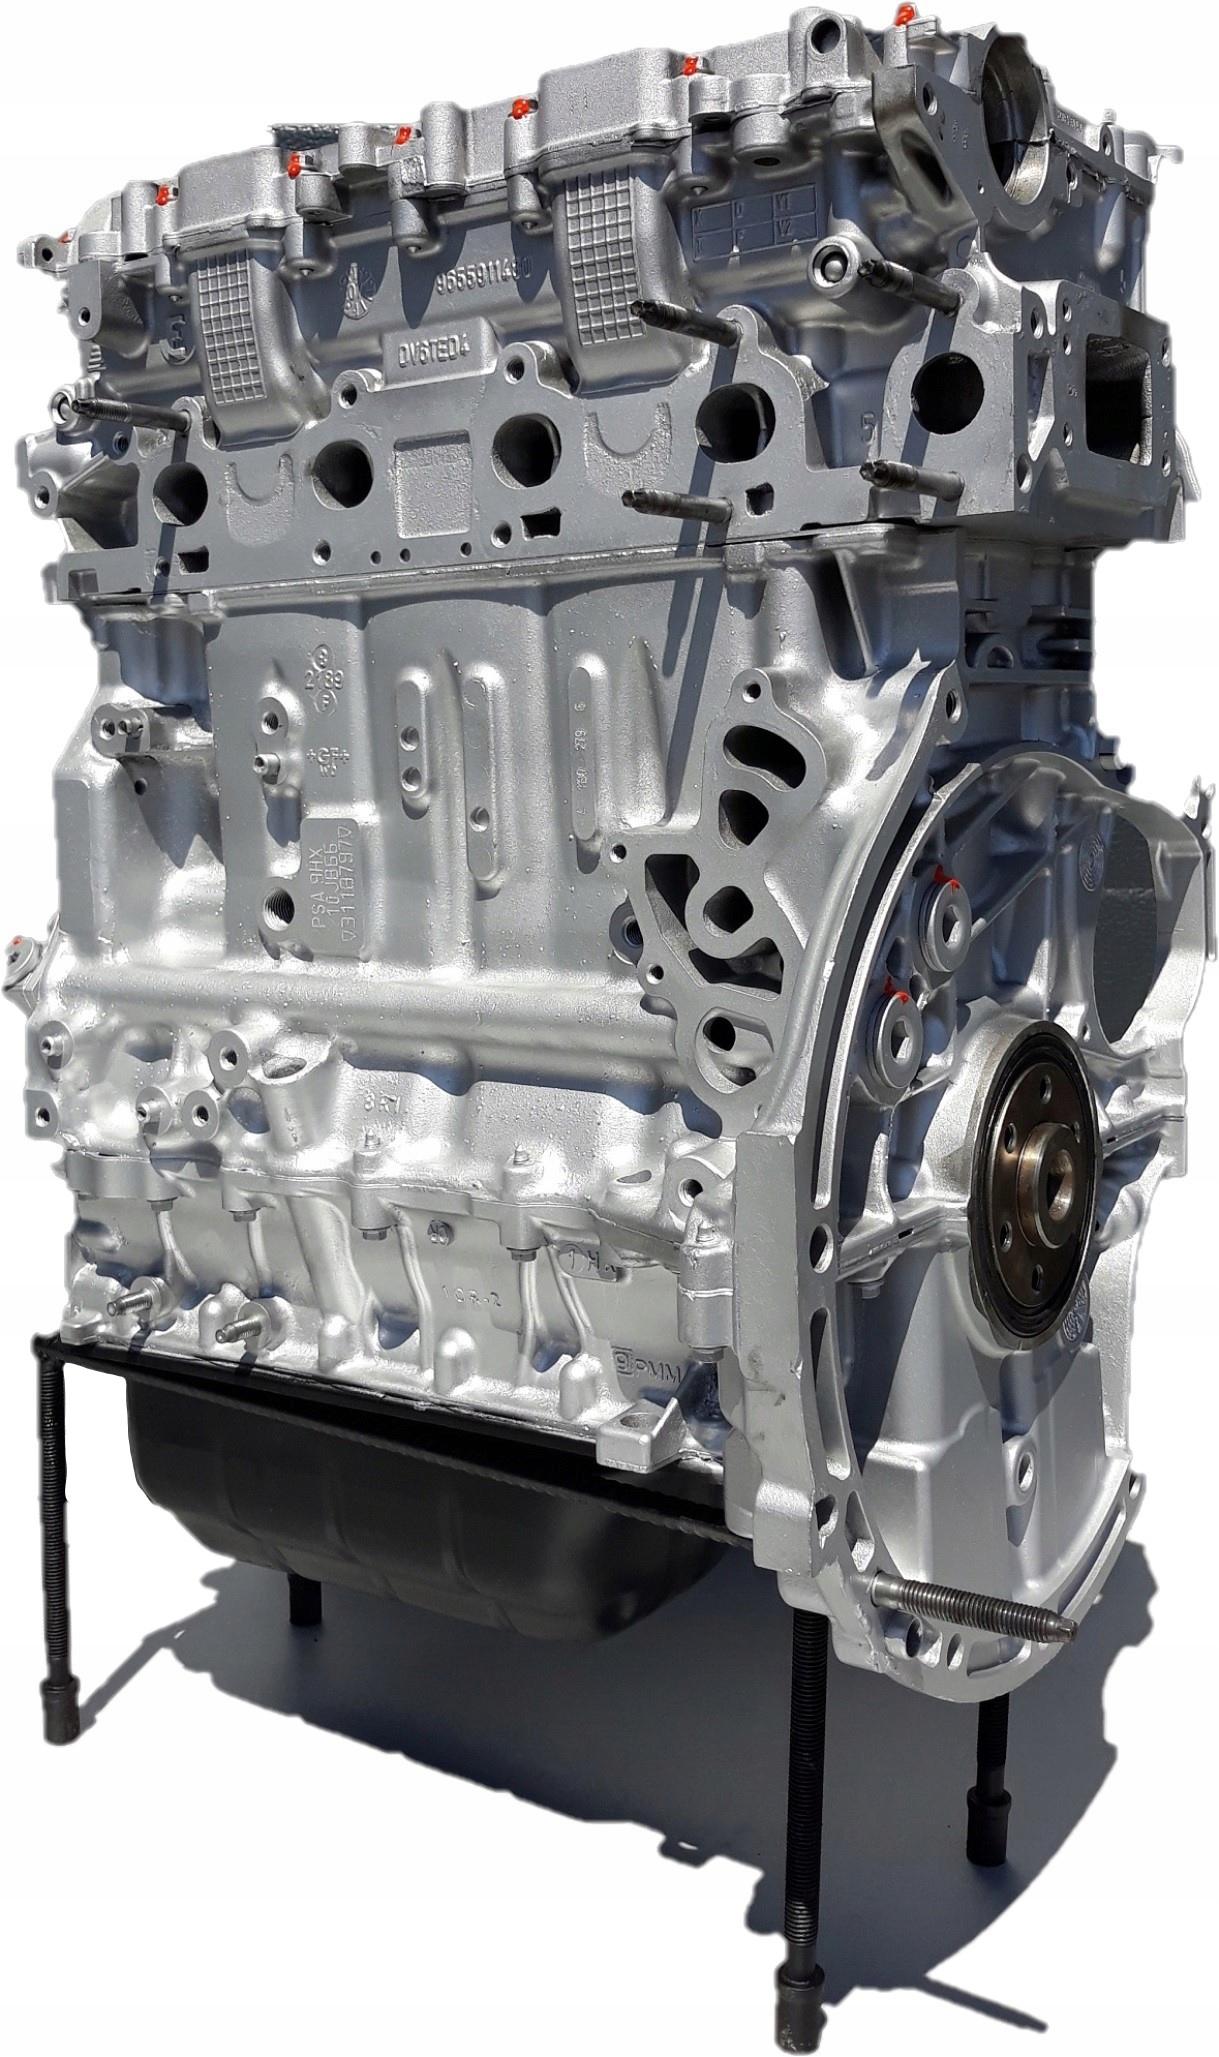 двигатель g8da ford focus c-max 16tdci z гарантия